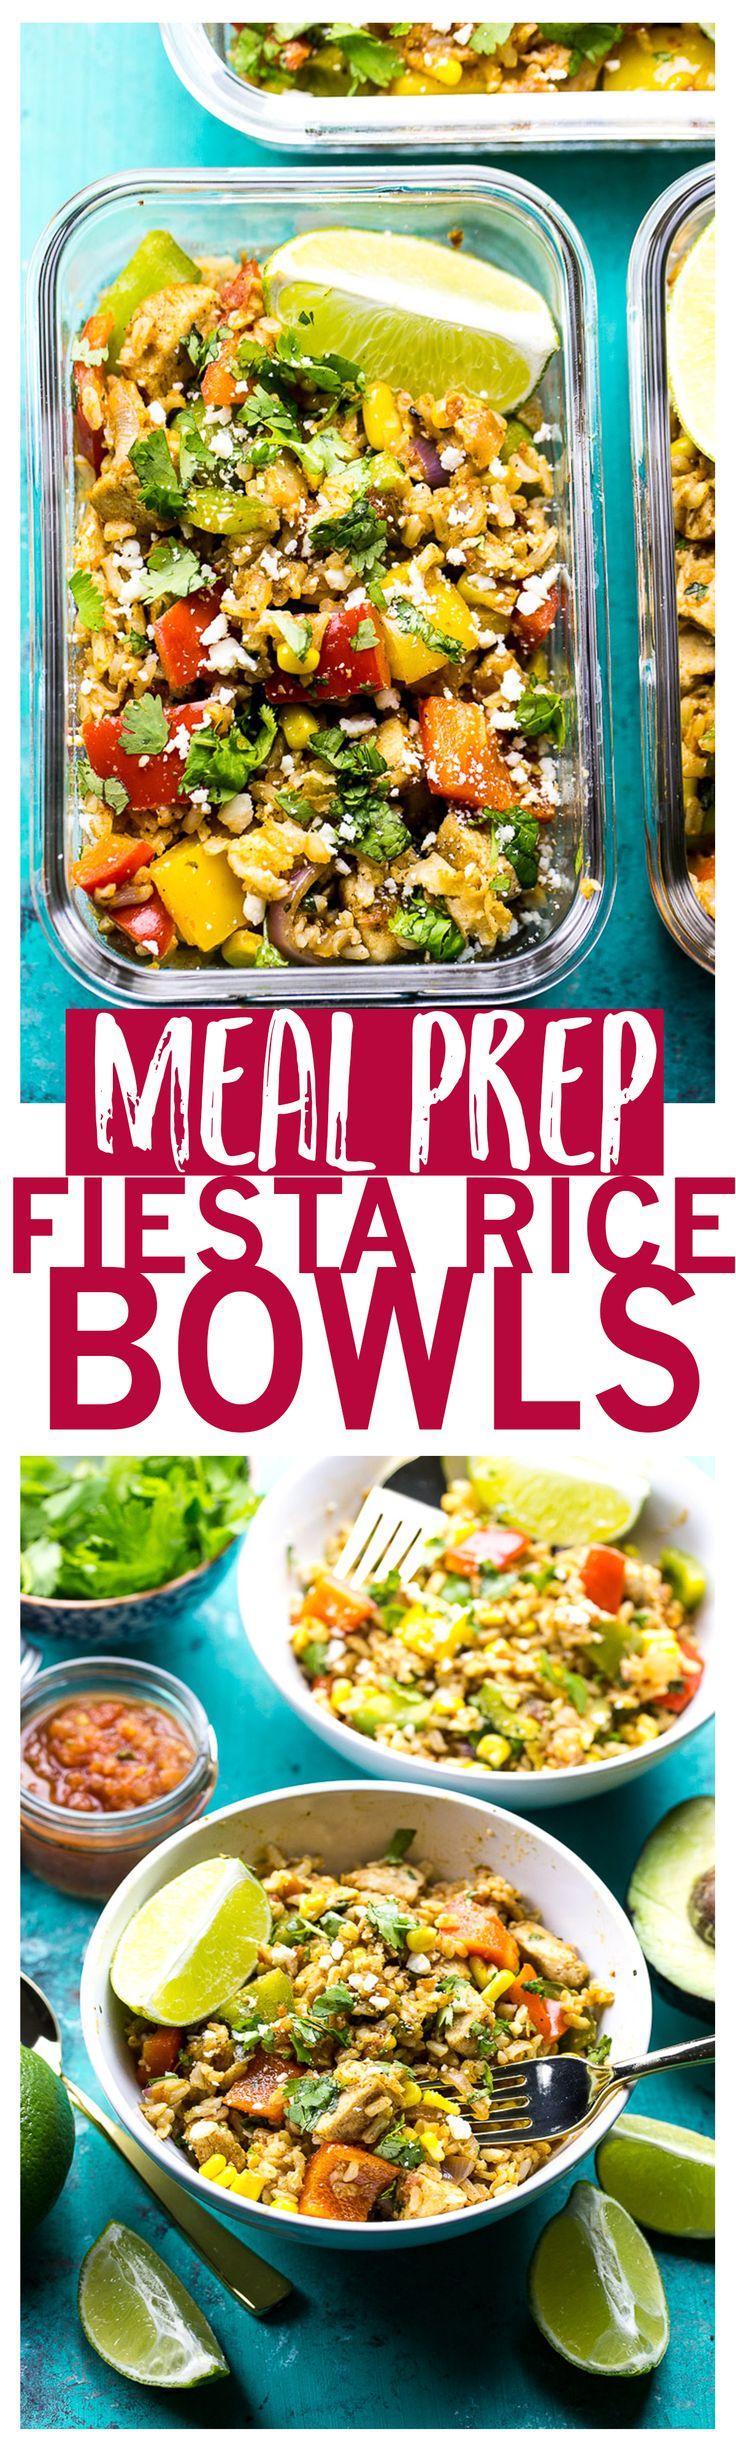 Fiesta Chicken Rice Bowls | Gluten-free | 20-Minute Meal Prep